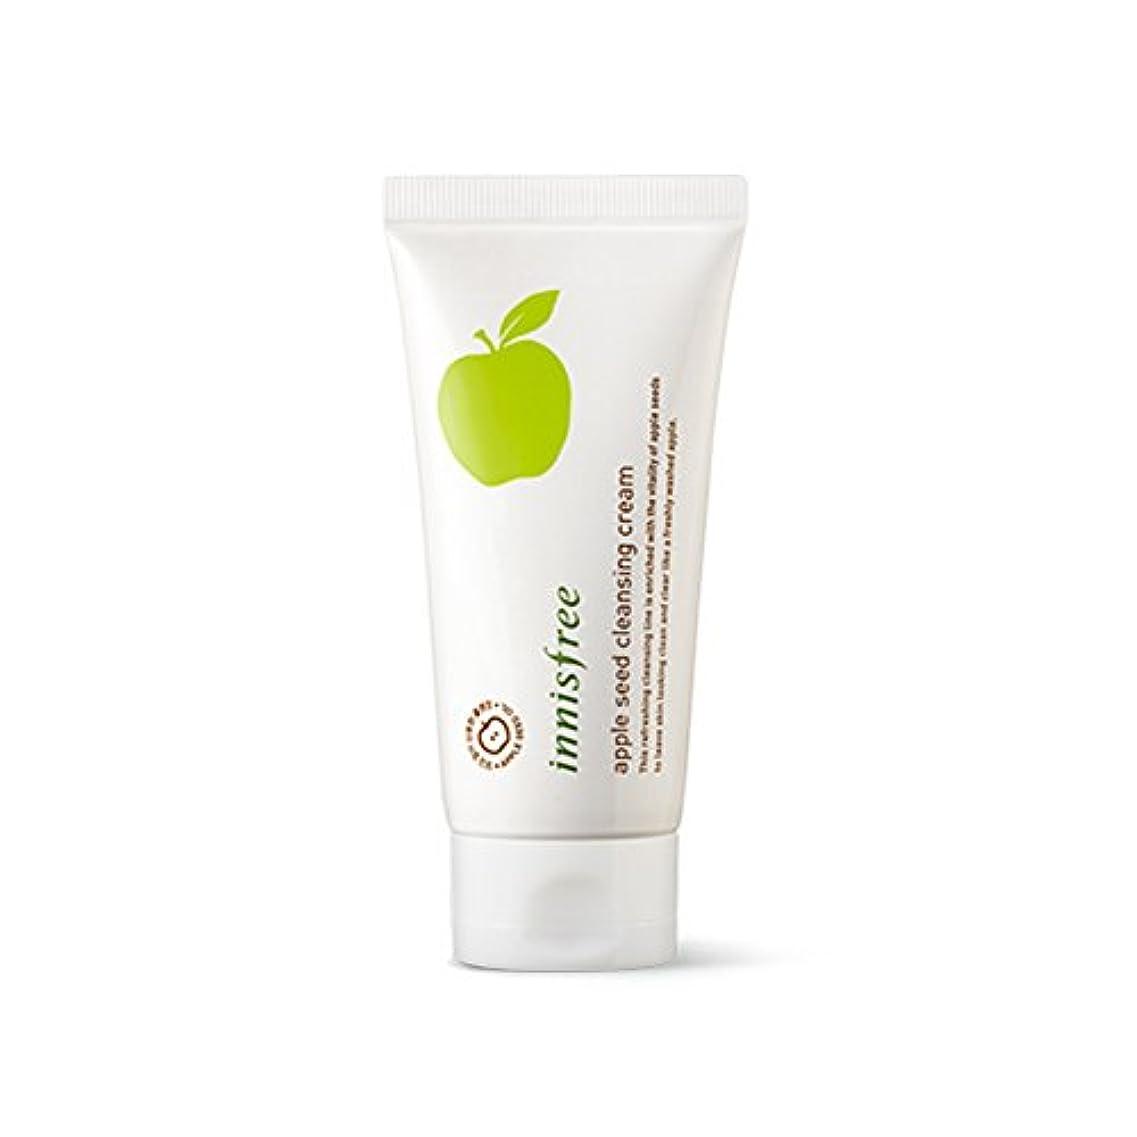 仕様プログレッシブビジョンイニスフリーアップルシードクレンジングクリーム150ml / Innisfree Apple Seed Cleansing Cream 150ml [海外直送品][並行輸入品]